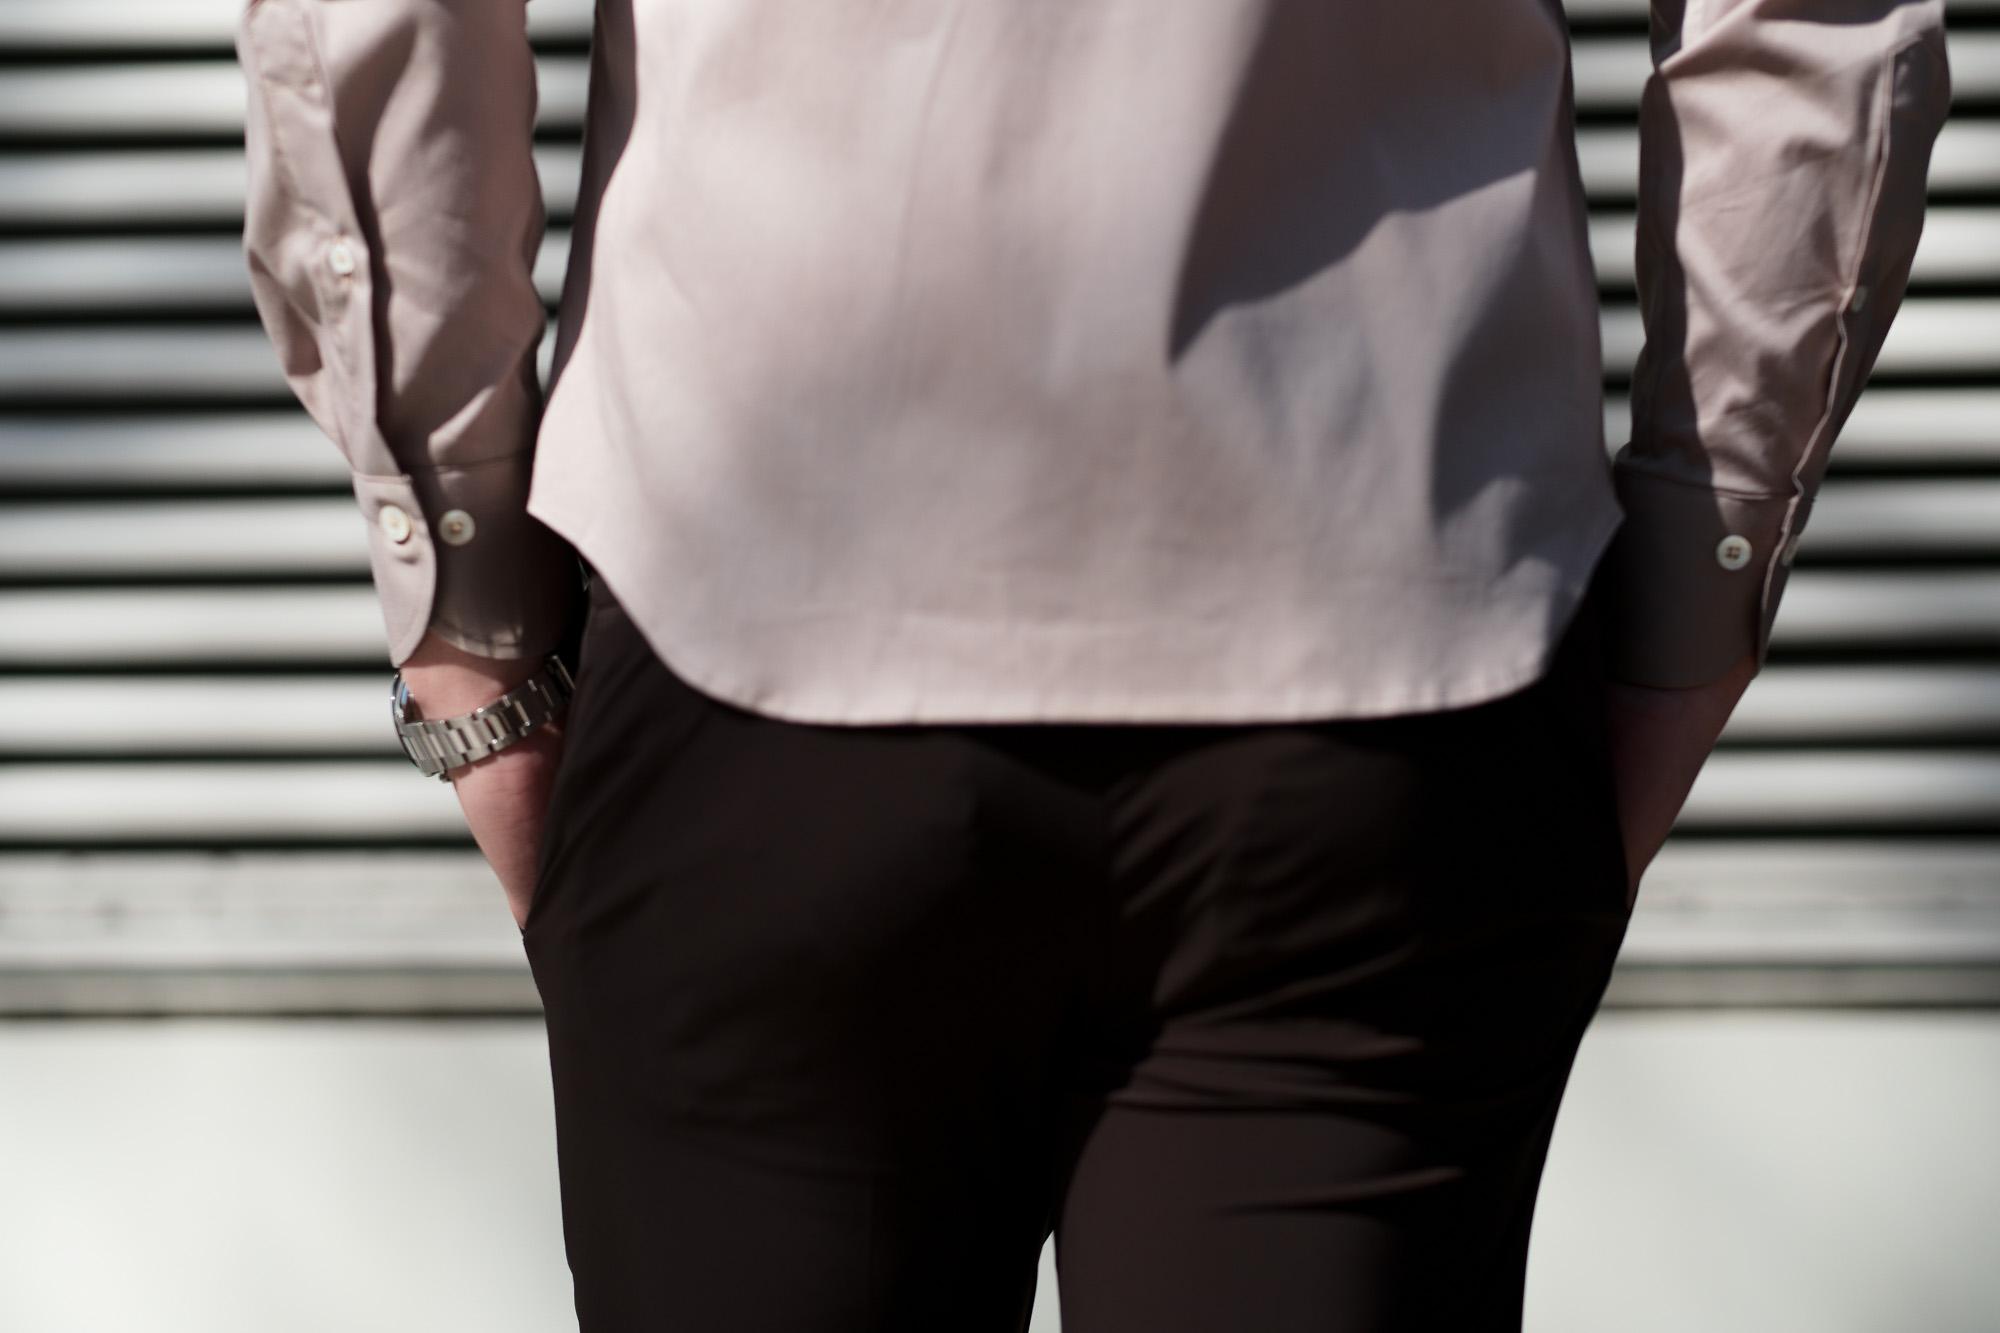 cuervo bopoha (クエルボ ヴァローナ) Sartoria Collection (サルトリア コレクション) Brad (ブラッド) WASHABLE 2WAY SUPER COMFORT NYLON ウォッシャブル ストレッチ ナイロン スラックス BROWN (ブラウン) MADE IN JAPAN (日本製) 2020 春夏新作 愛知 名古屋 altoediritto アルトエデリット